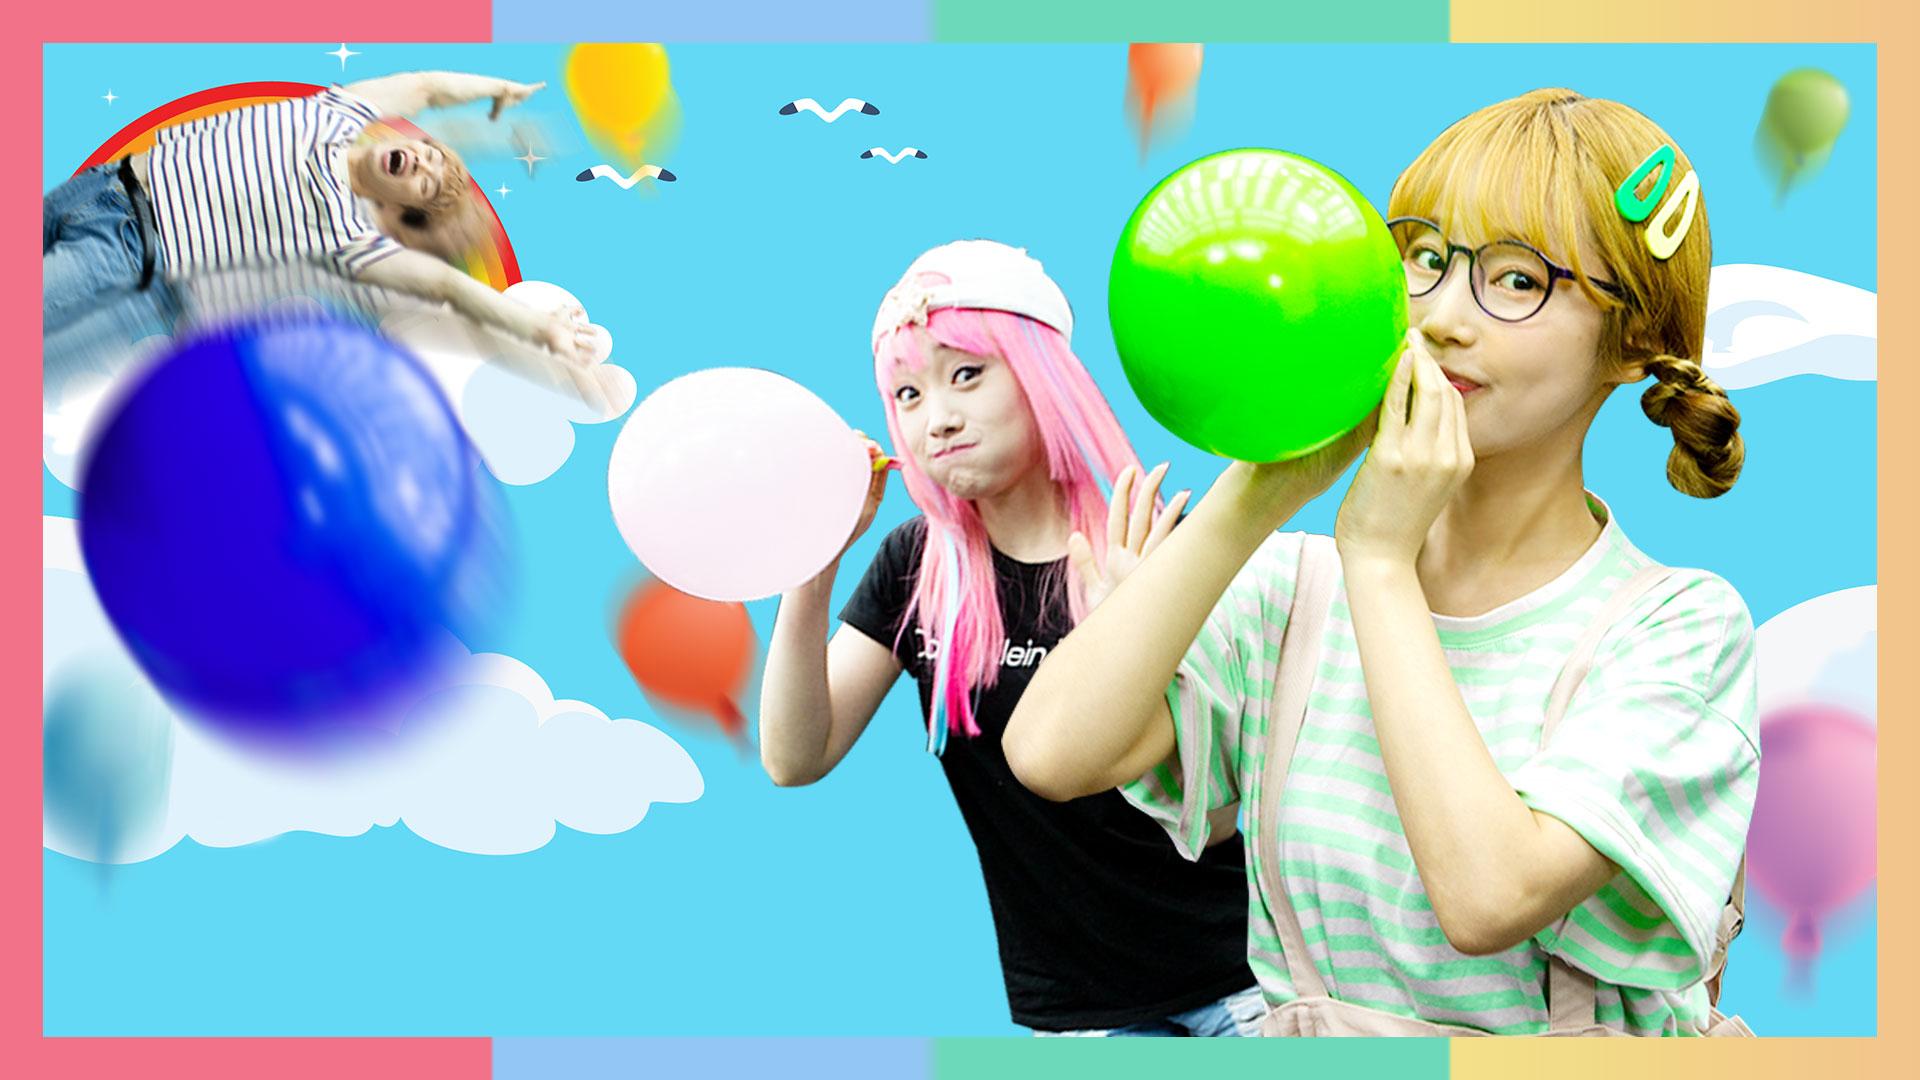 谁的气球在飞?不可思议的放飞气球大赛!  凯利和玩具朋友们 CarrieAndToys